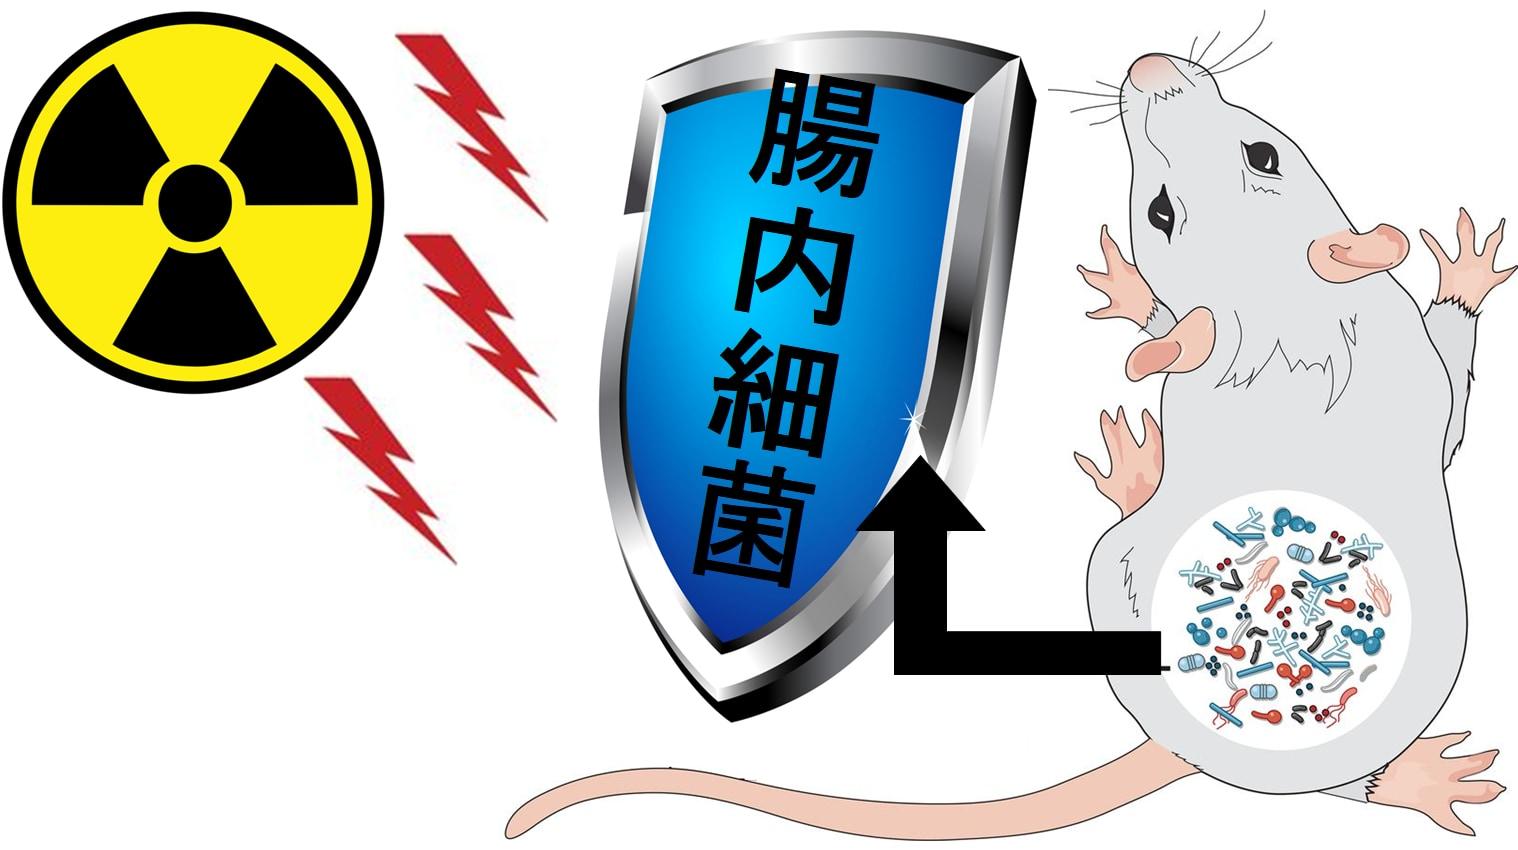 腸内細菌は放射線耐性を授ける